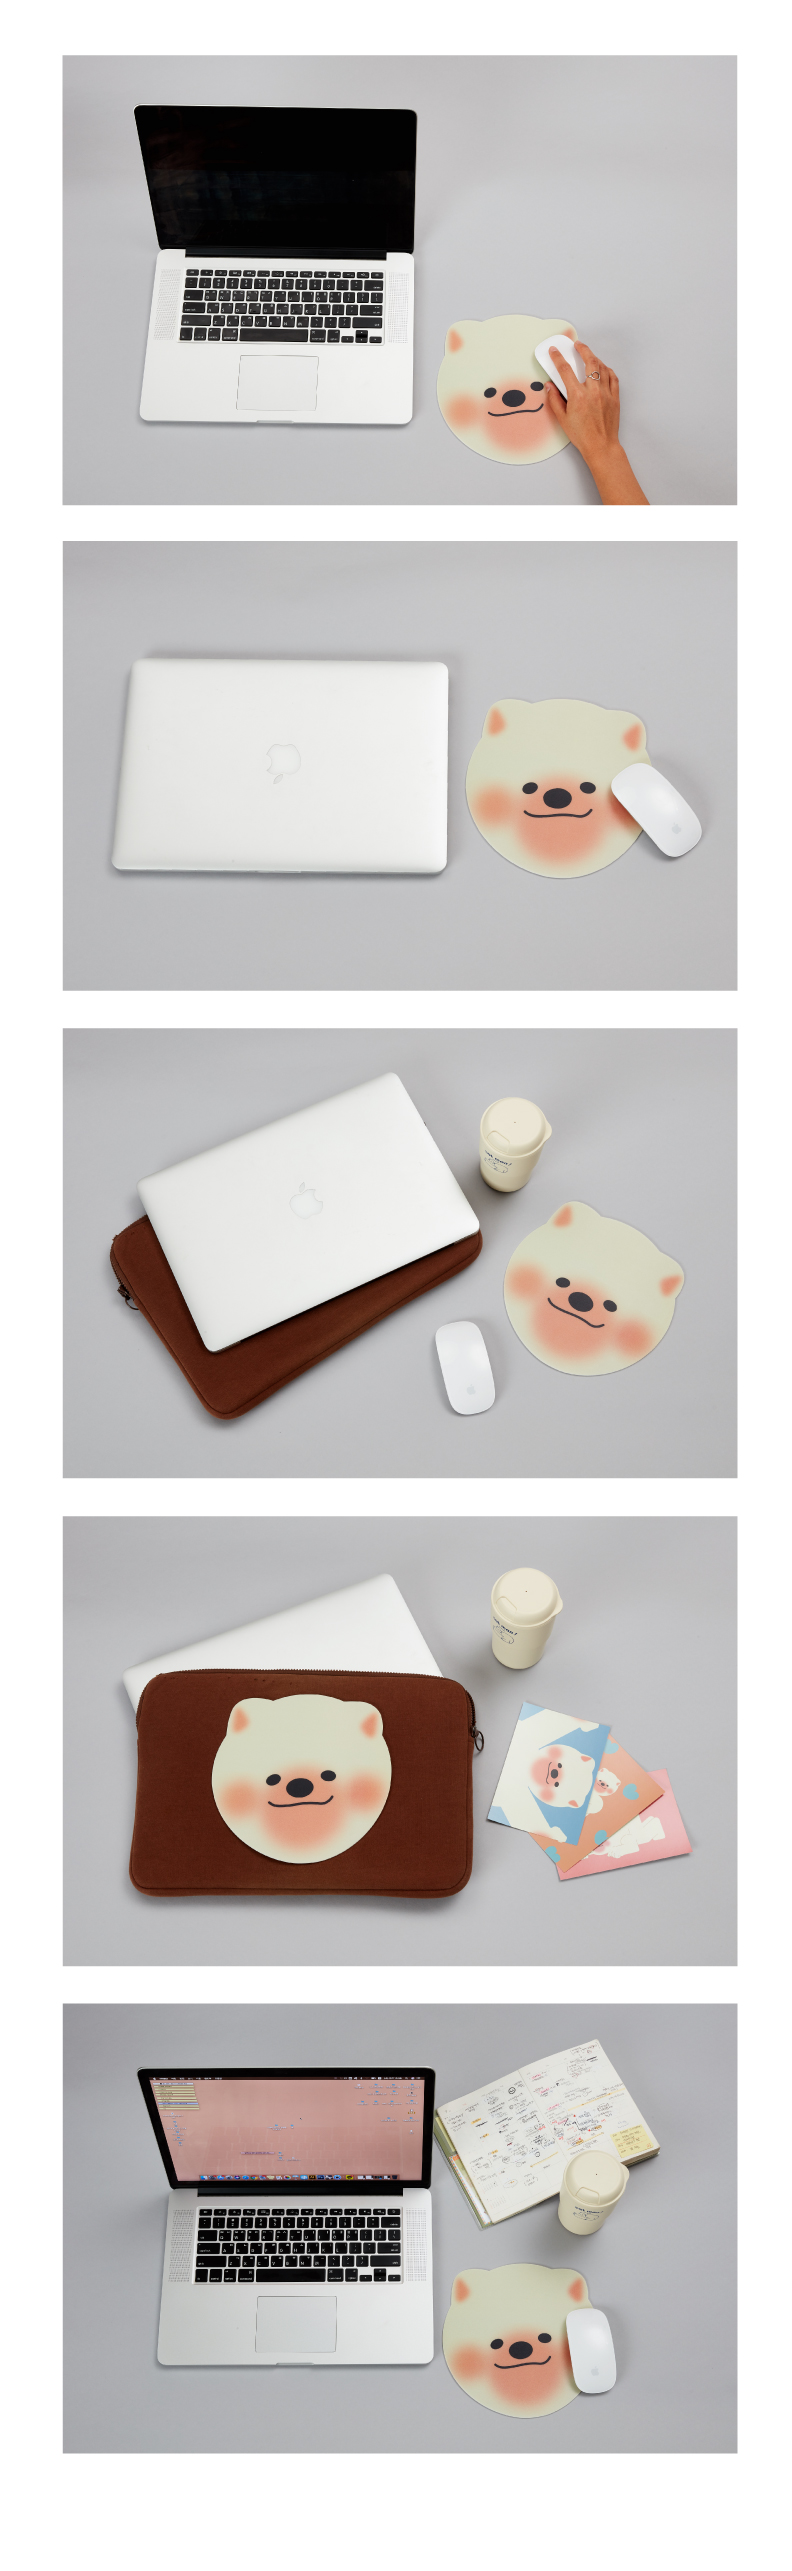 독맨 마우스패드 - 피클즈, 4,000원, 키보드/마우스 용품, 마우스 패드